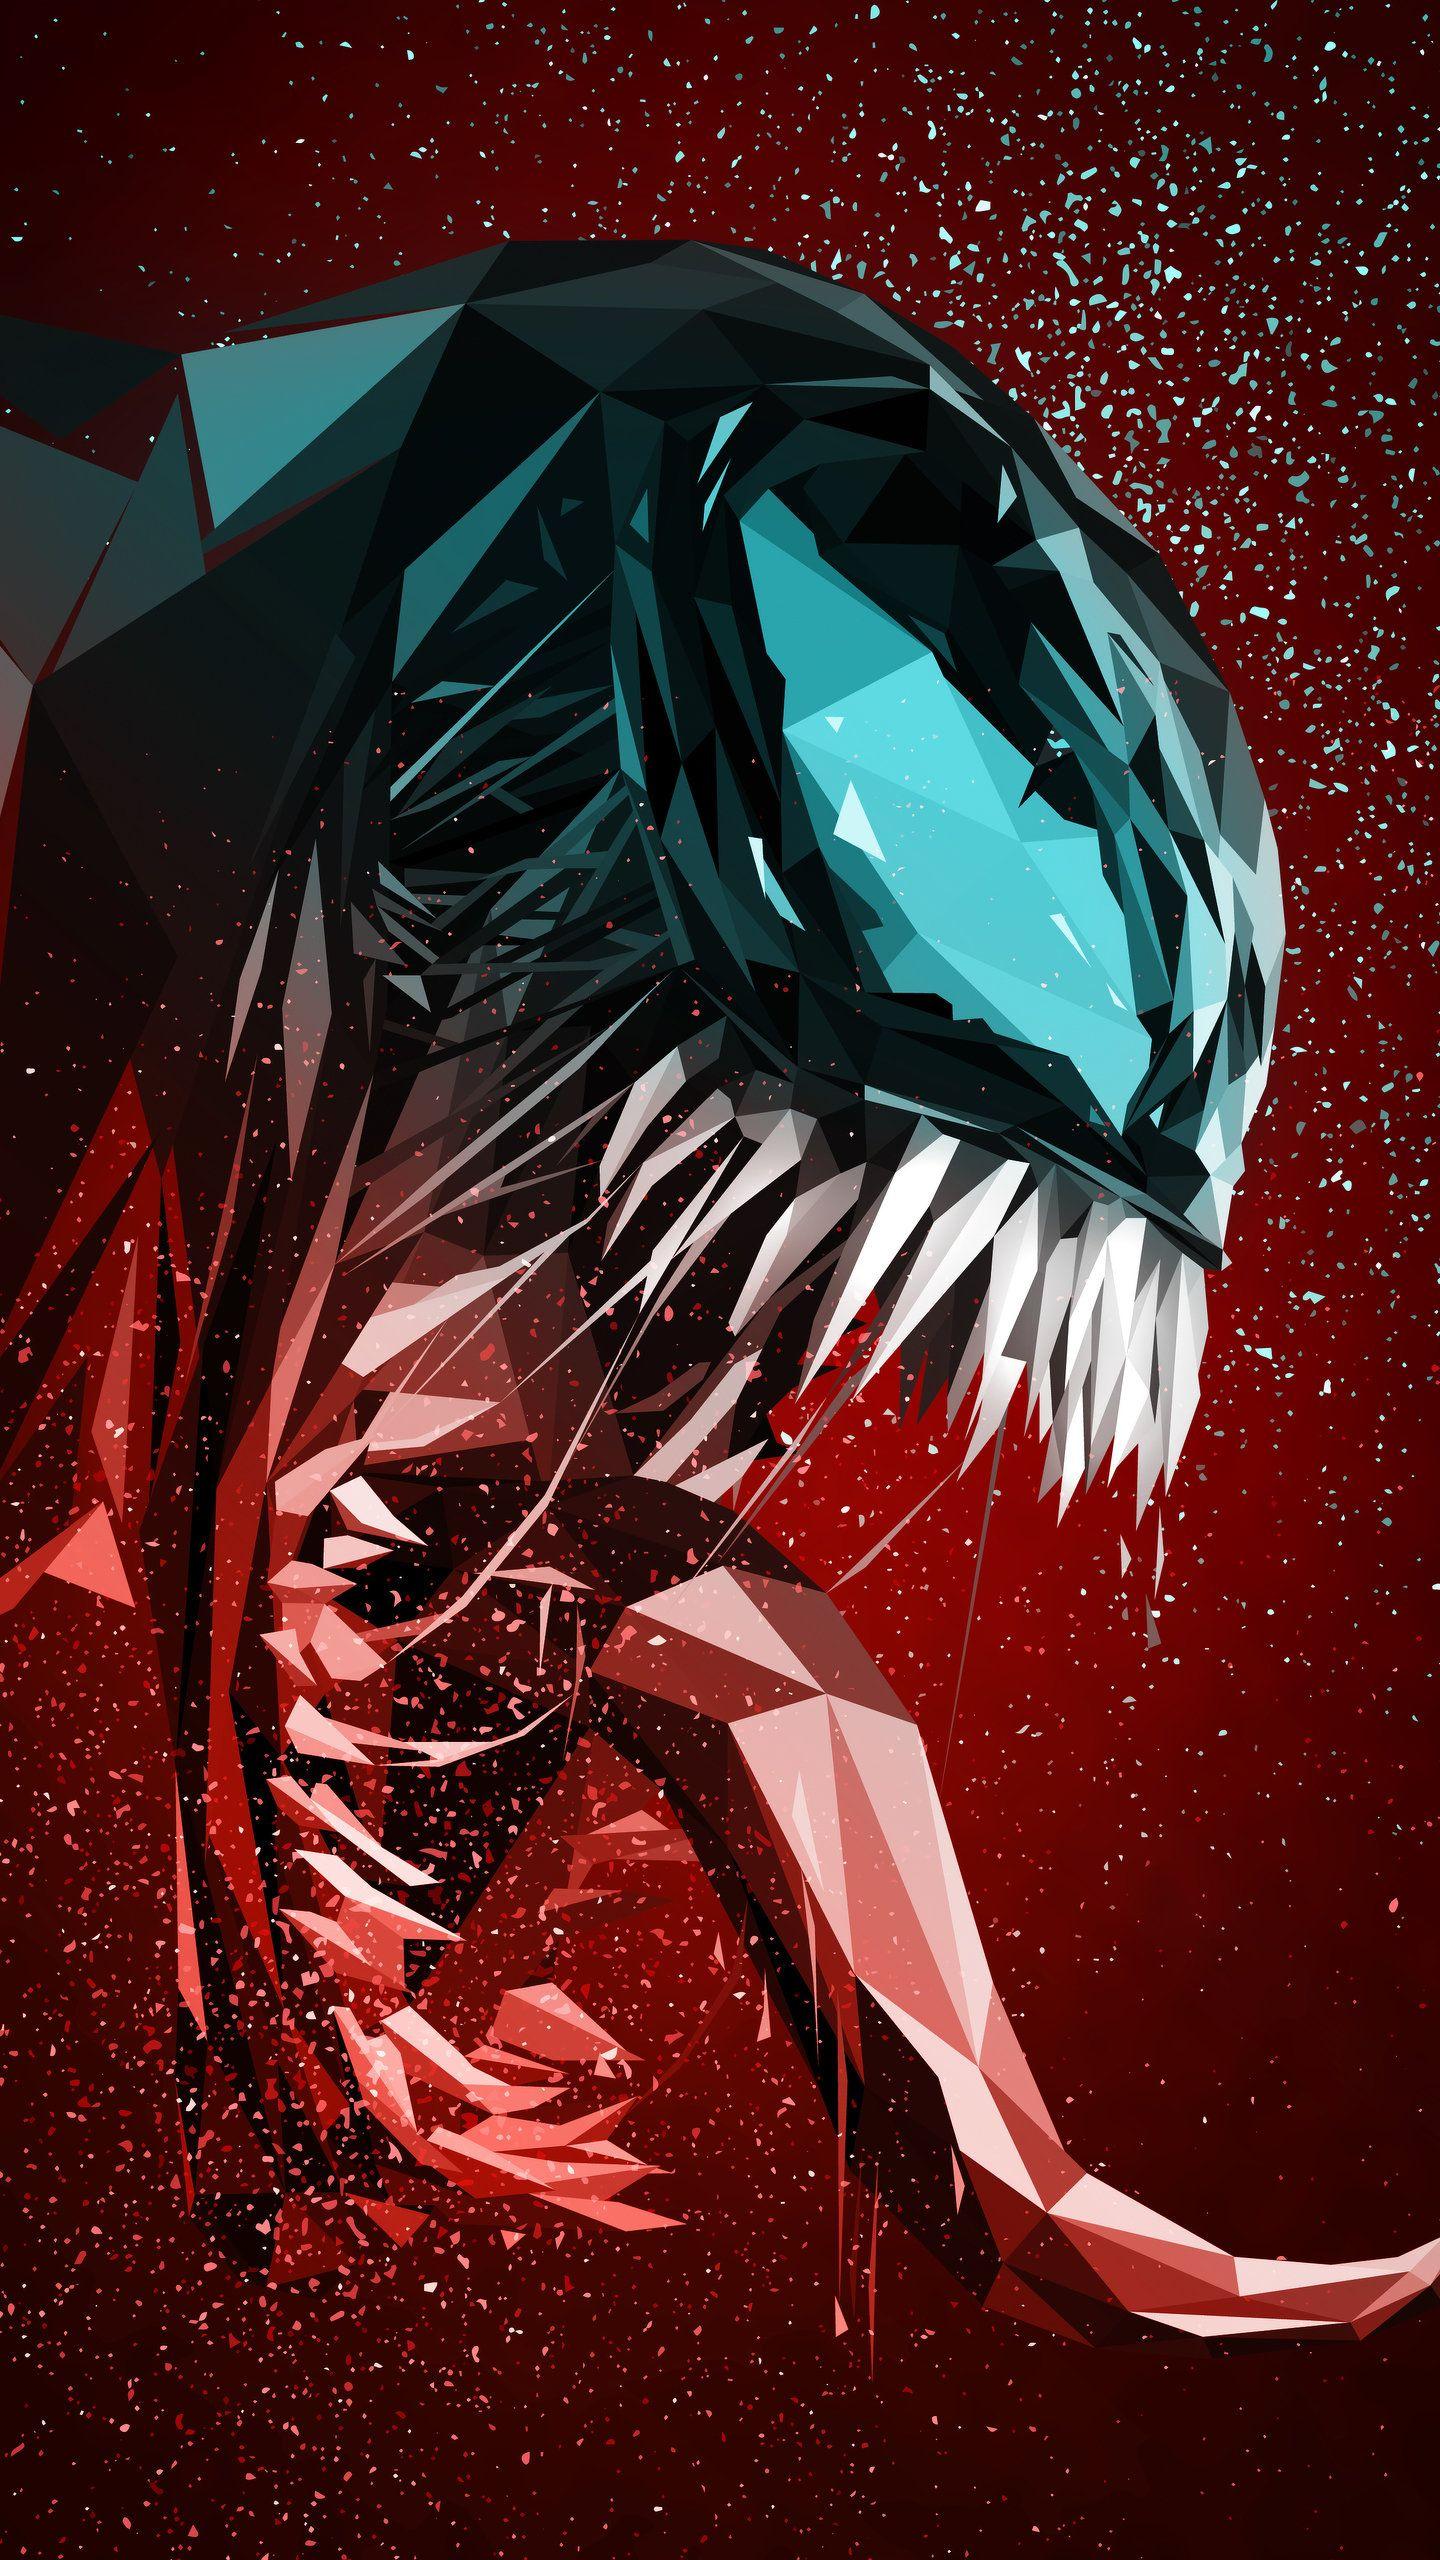 Venom Digital Illustration 4K HD Wallpaper (1440x2560 ...